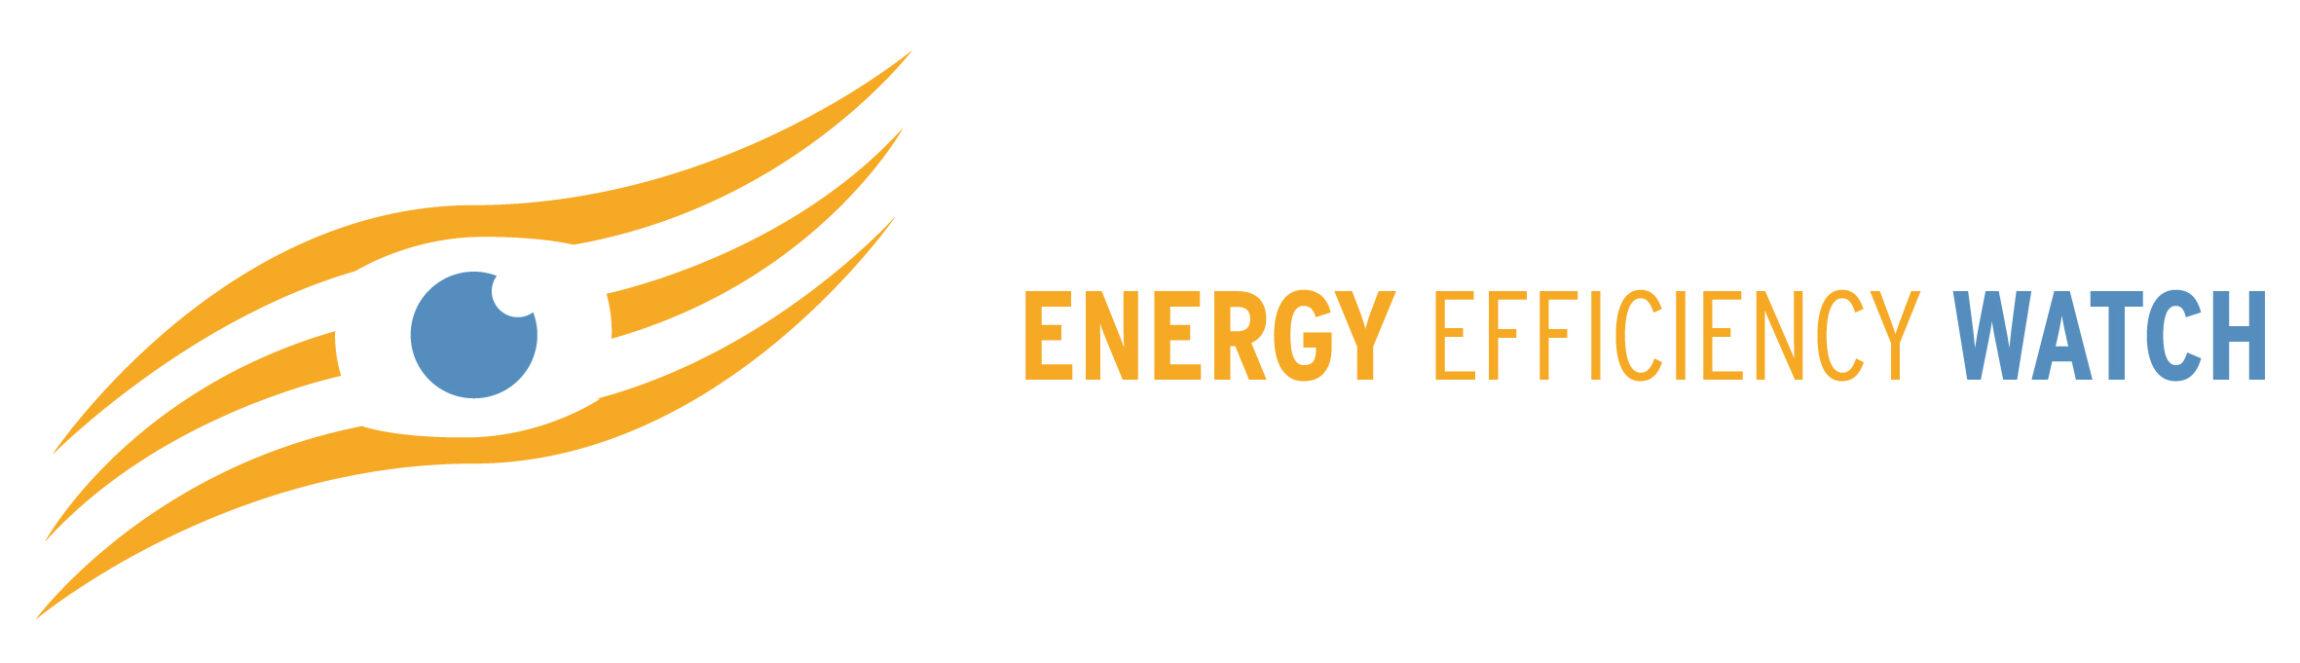 Energy Efficiency Watch 4